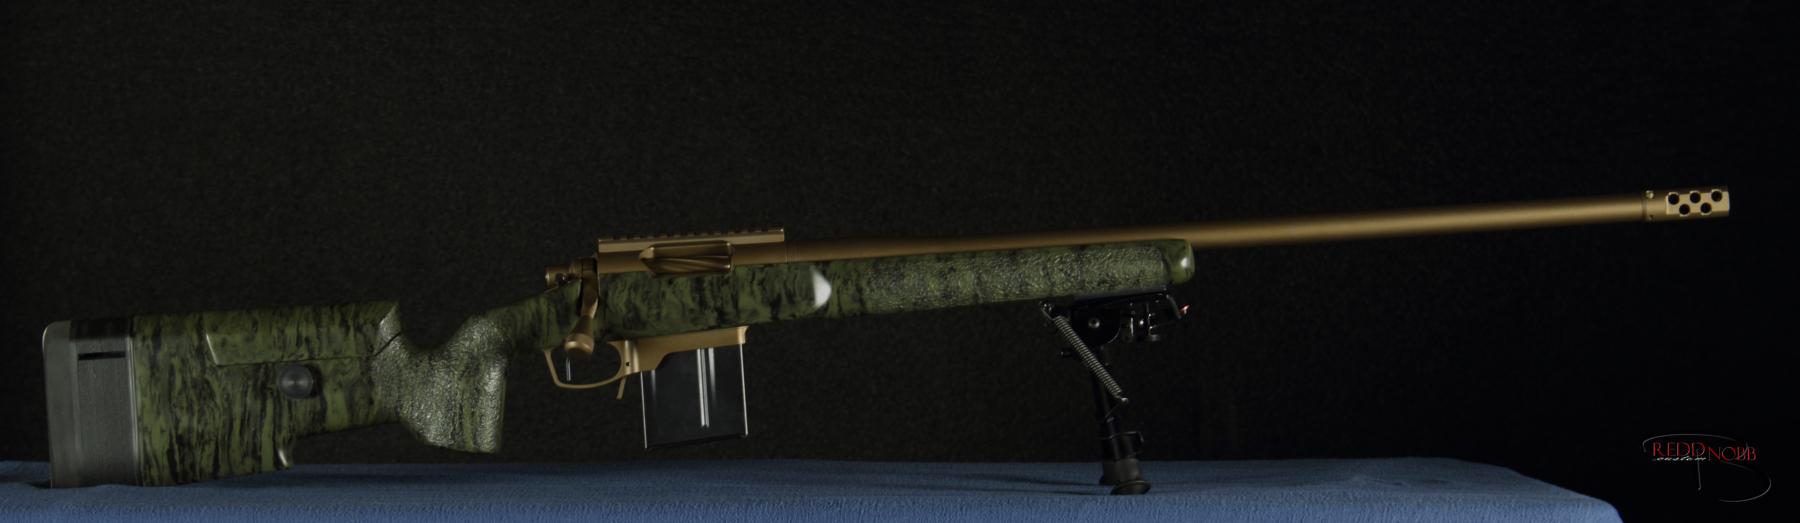 6mm creedmoor  purdy